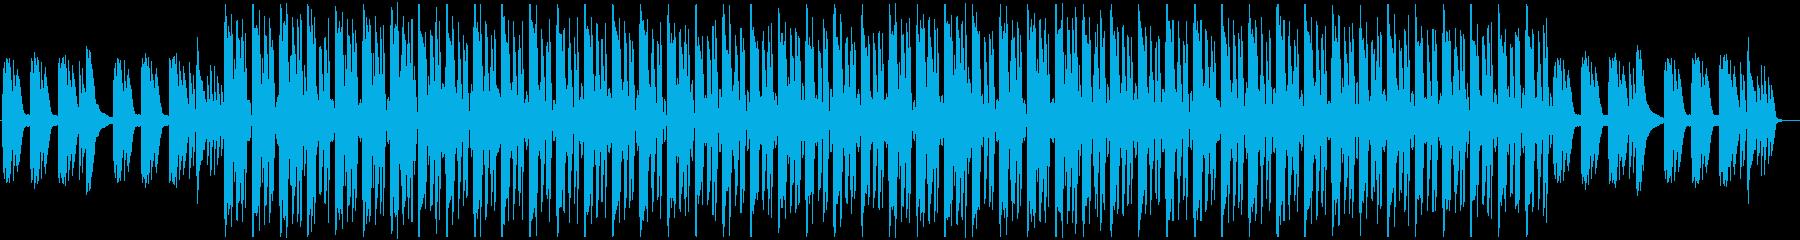 インタビュー・おしゃれ・インテリアの再生済みの波形